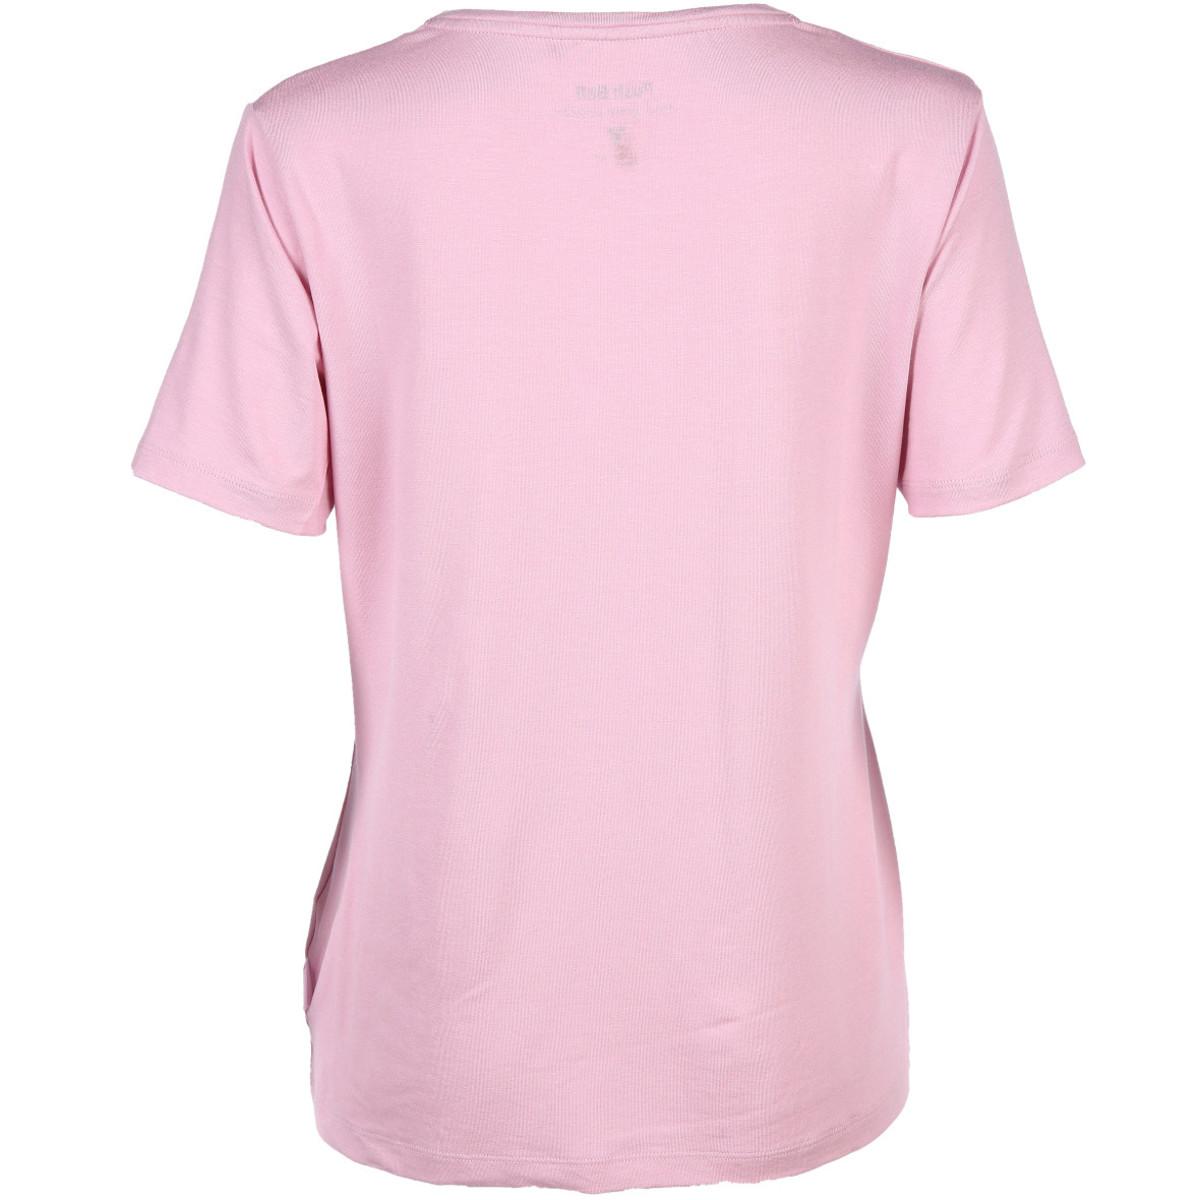 Bild 2 von Damen Sport Shirt mit Präge Print